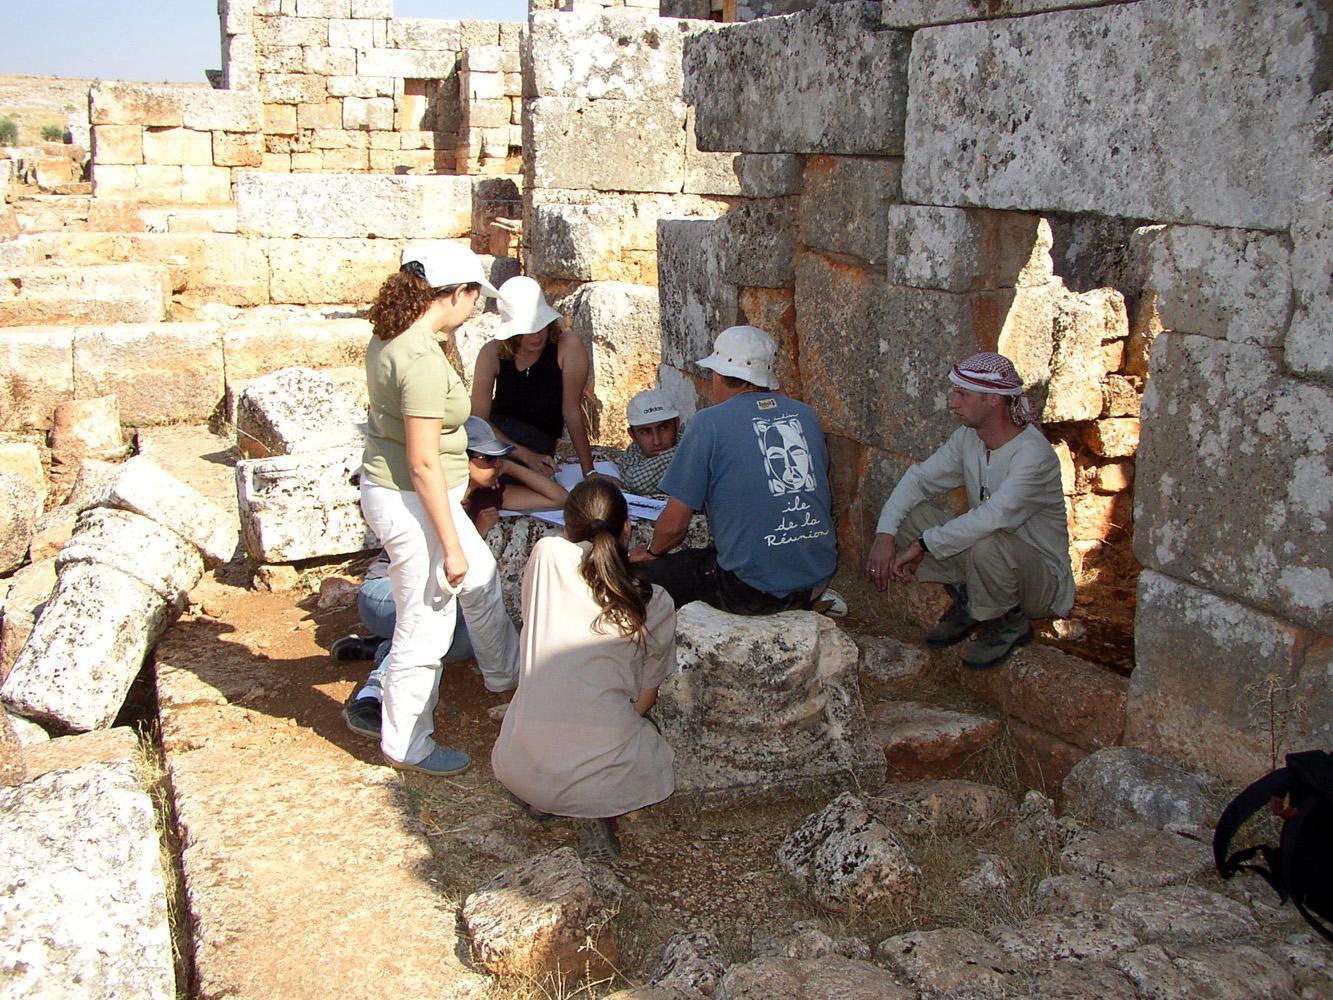 Fouilles et études architecturales à Serğilla en Syrie